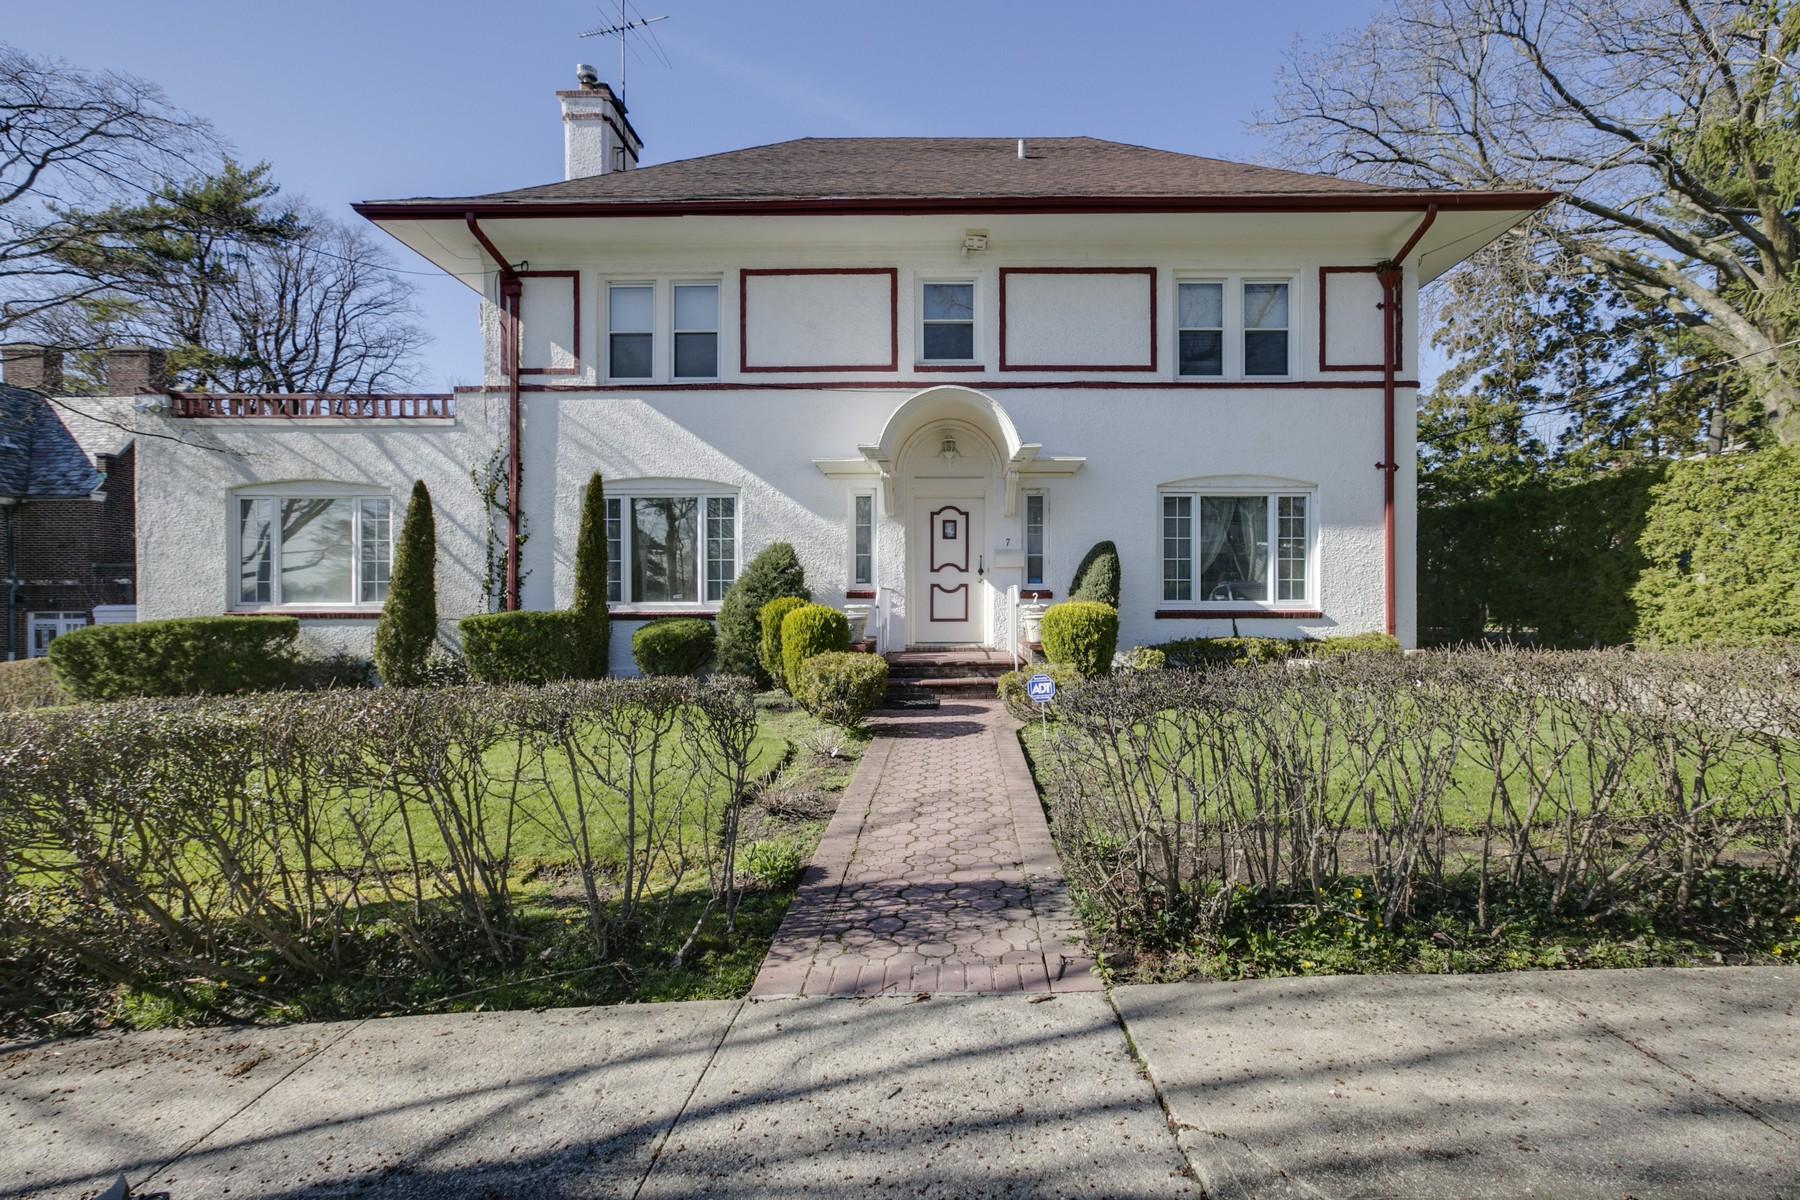 独户住宅 为 销售 在 Colonial 7 Manor Rd 道格拉斯顿, 纽约州, 11363 美国